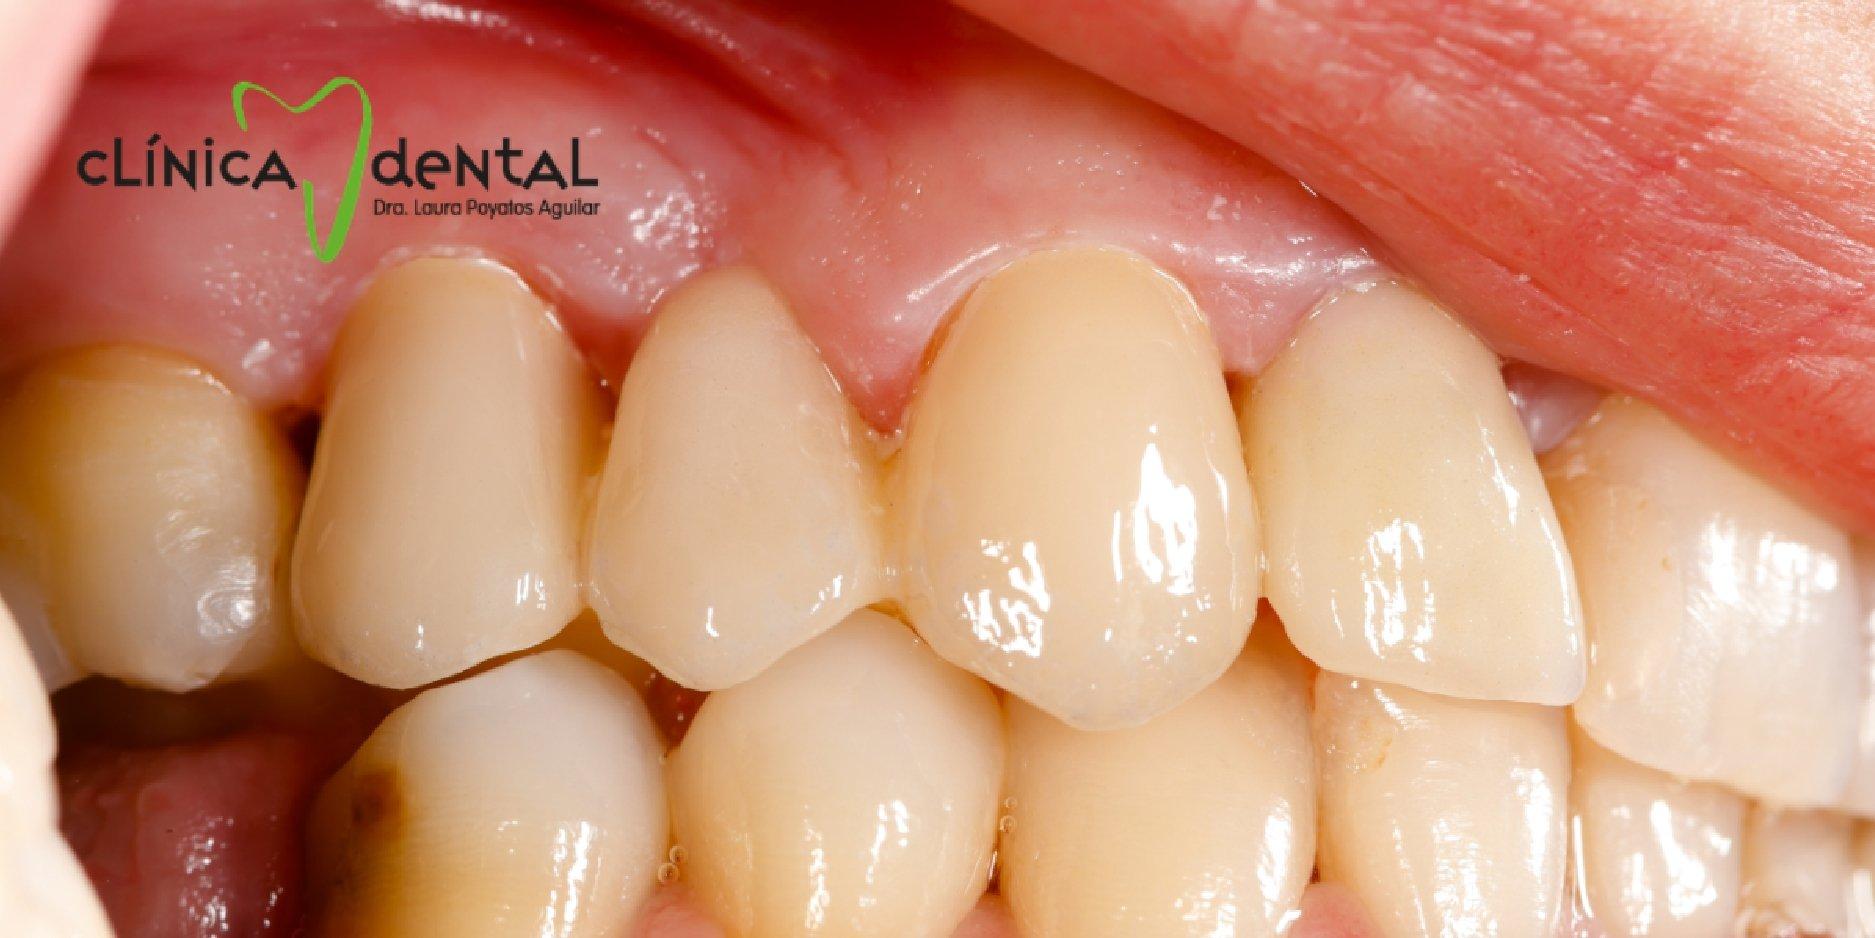 ¿Dónde puedes denunciar si crees haber sido víctima de fraude en servicios dentales?